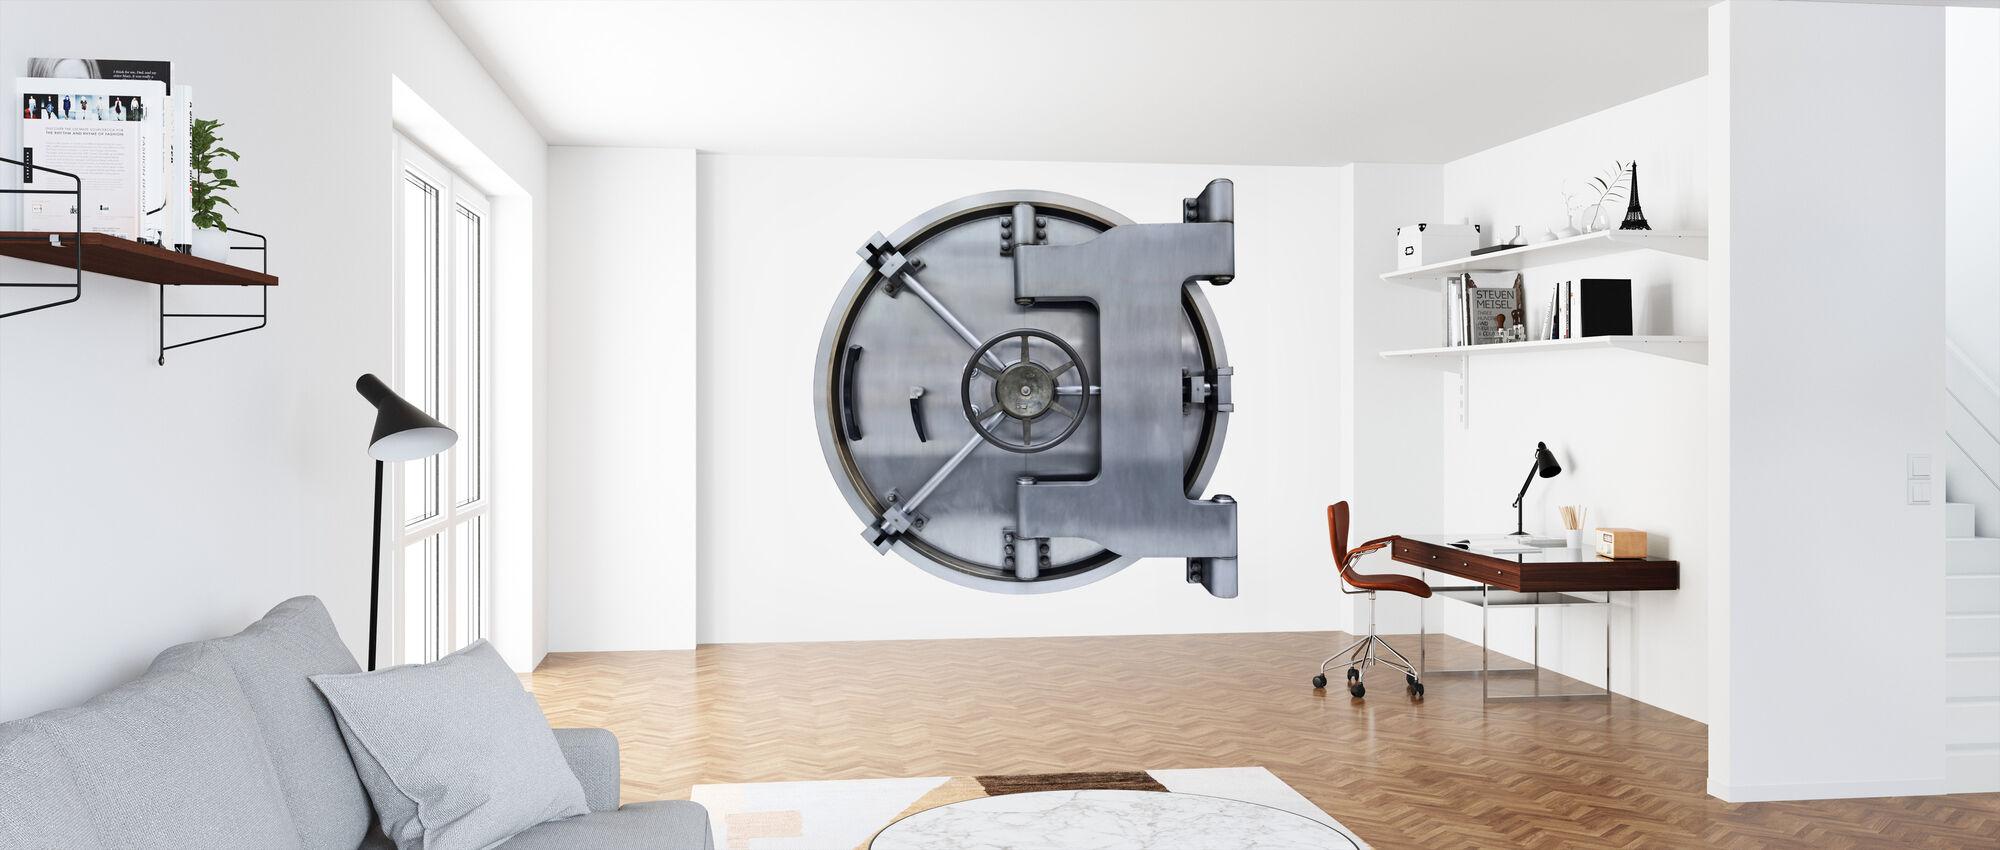 Steel Vault Door - Wallpaper - Office